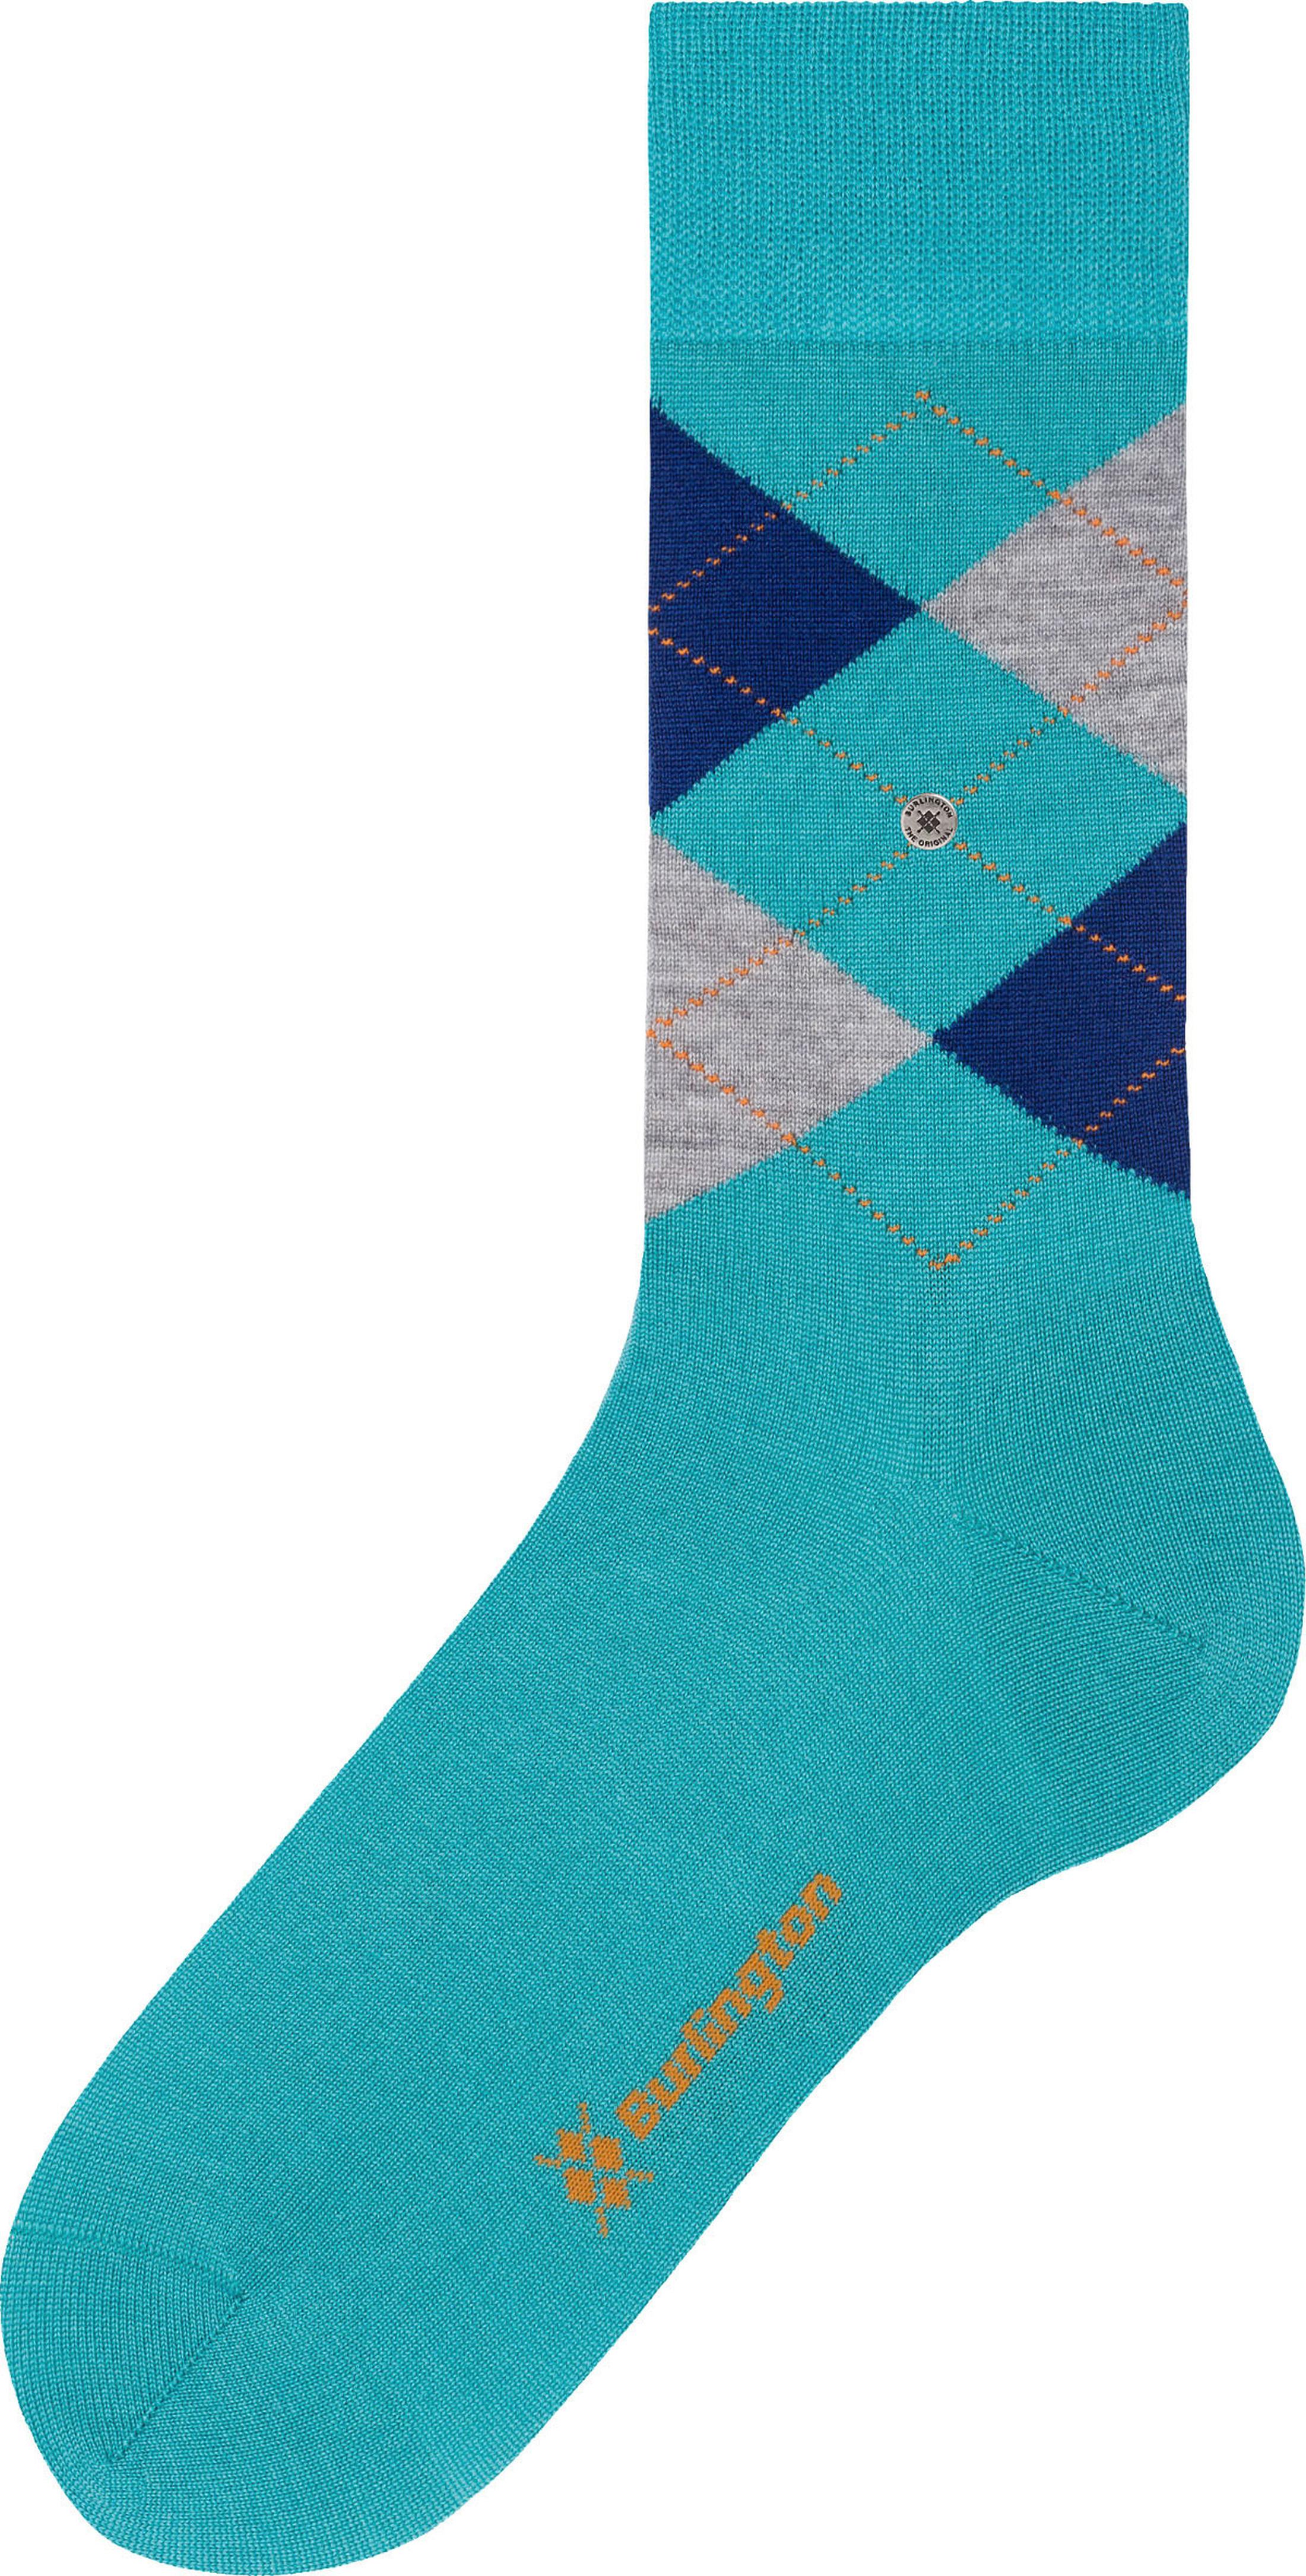 Burlington Socks Edinburgh 7332 foto 2